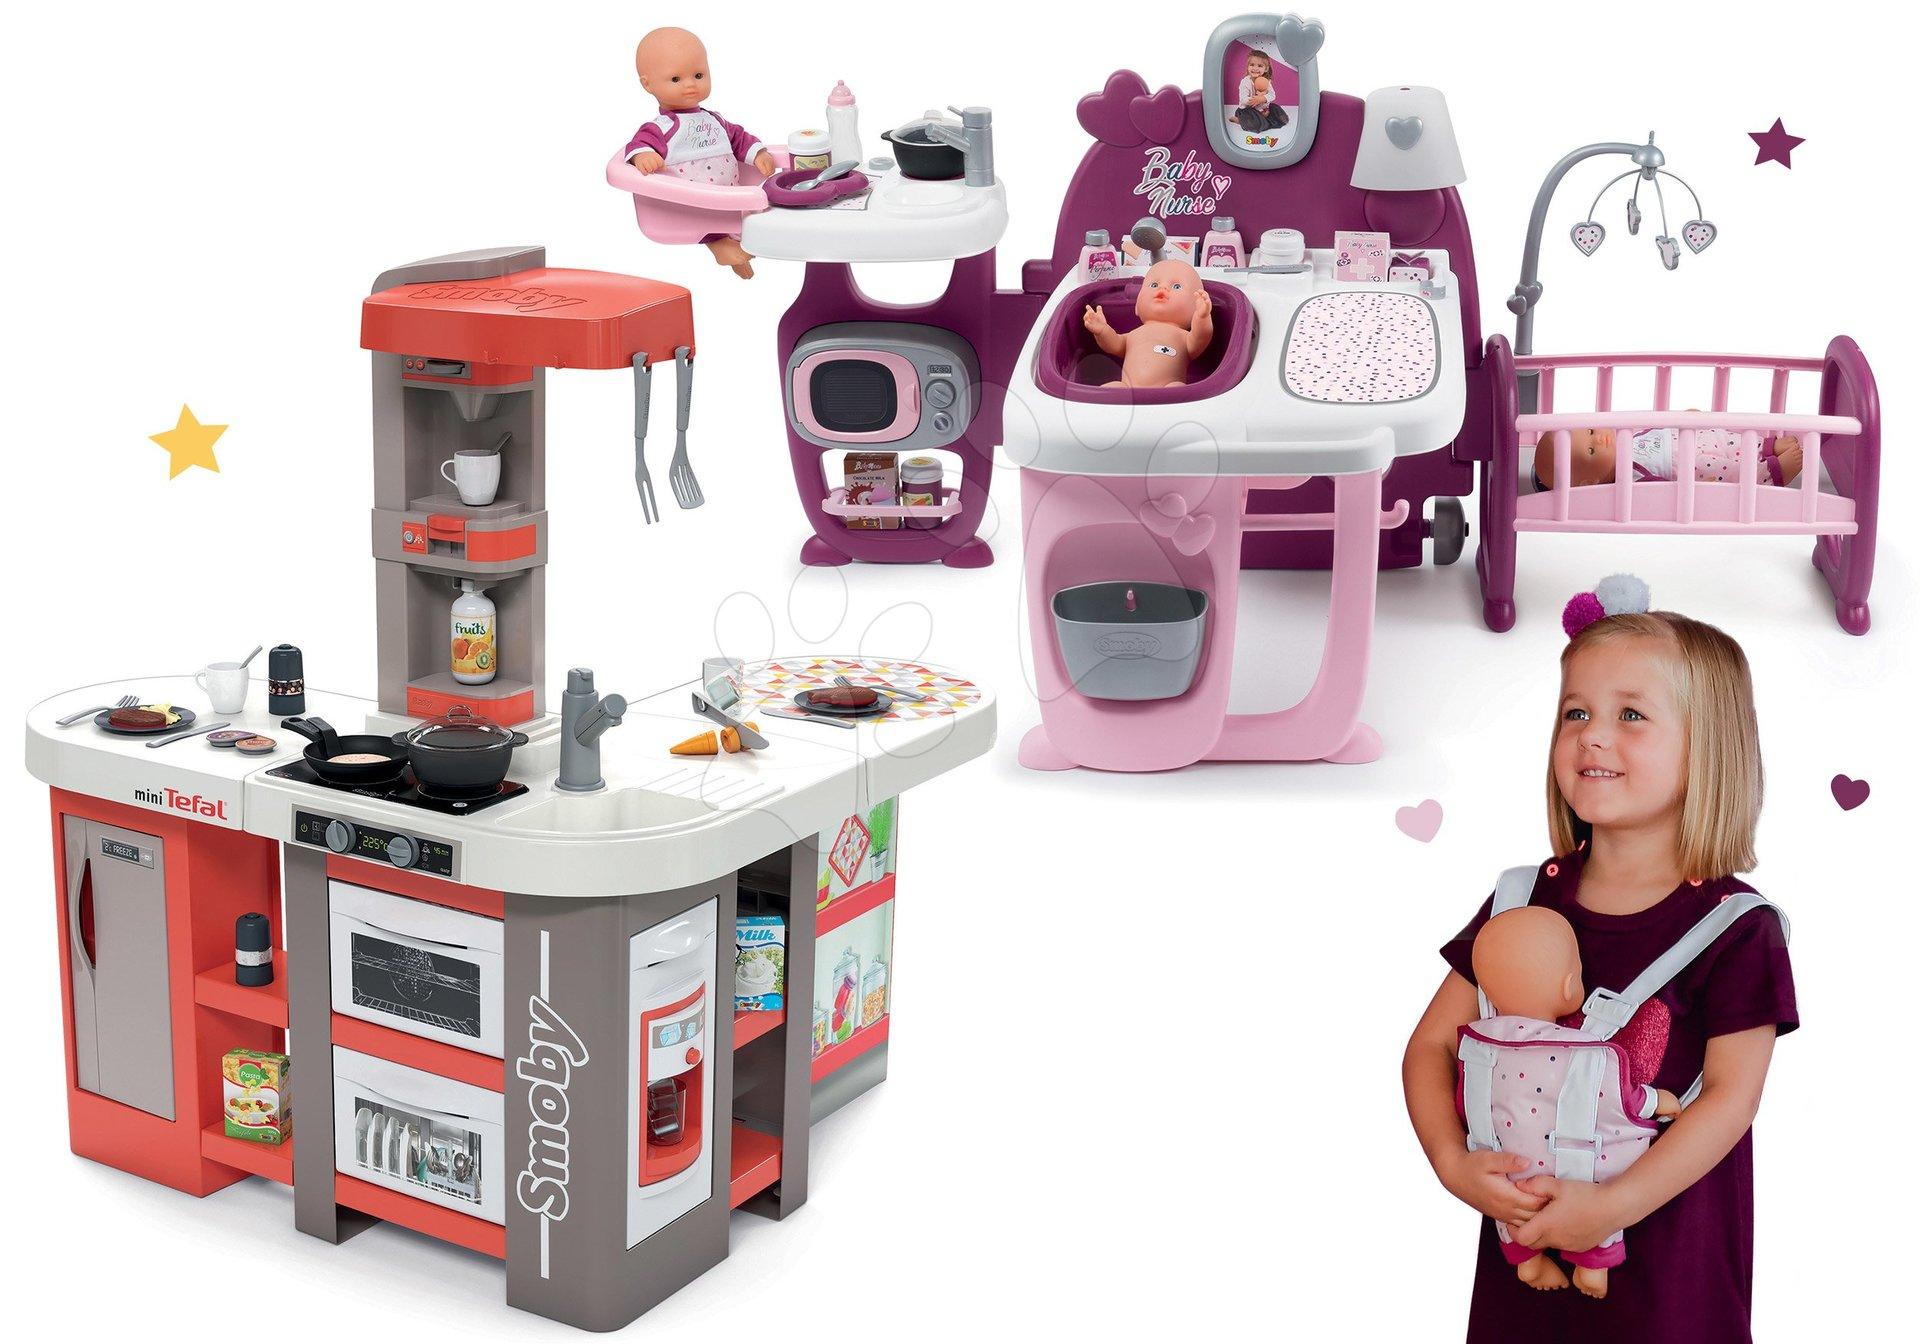 Set kuchyňka elektronická Tefal Studio 360° XXL Bubble Smoby mrkvová a domeček pro panenku s nosítkem Violette Baby Nurse Large Doll's Play Center